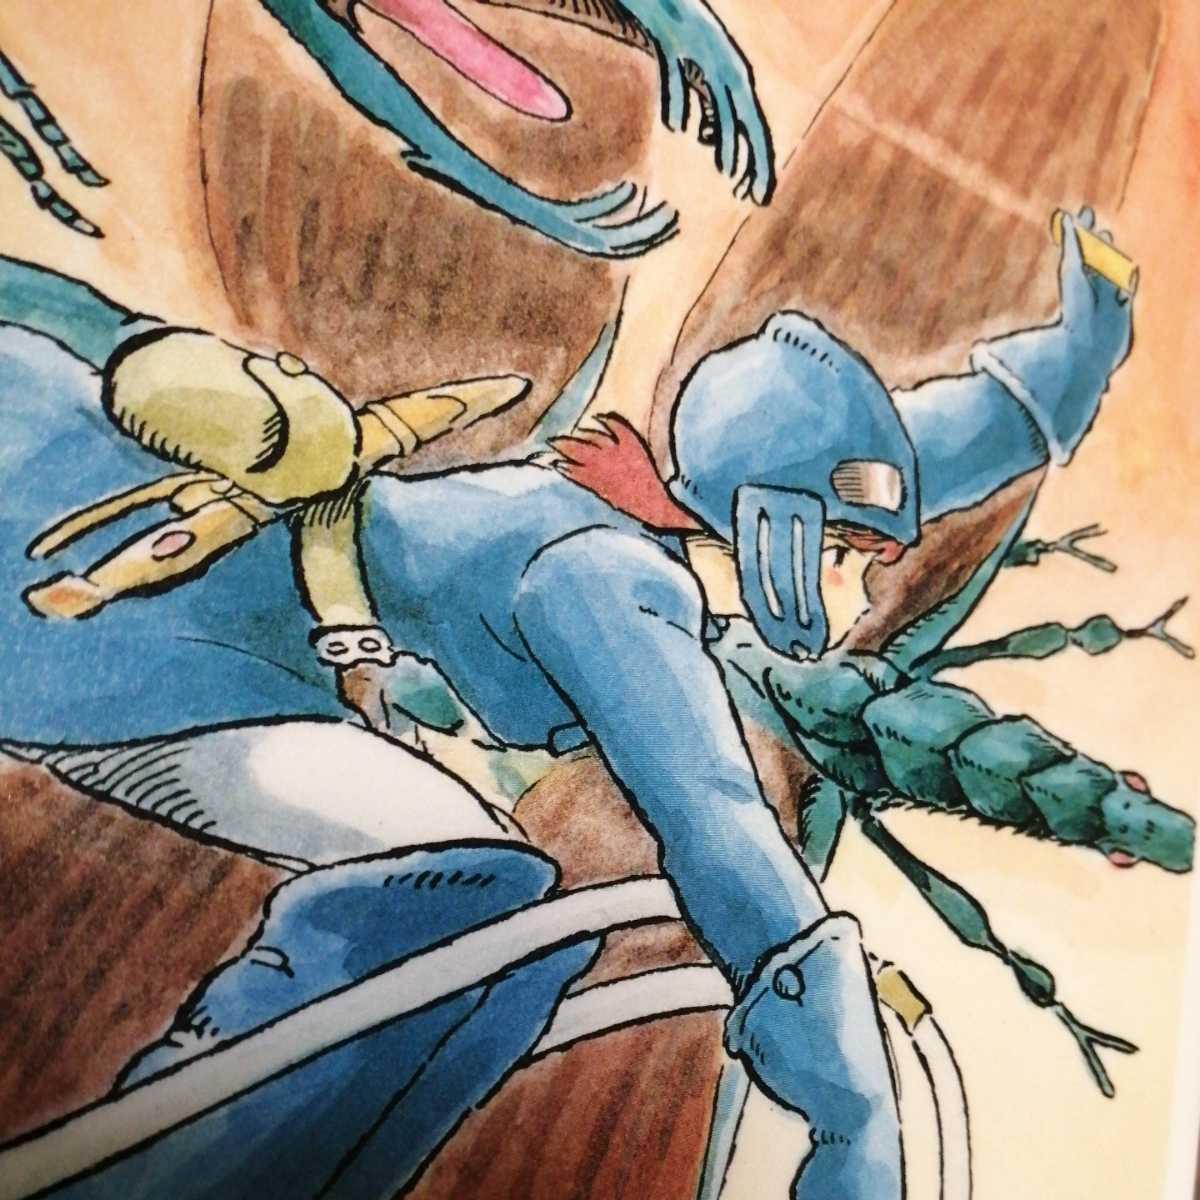 スタジオジブリ 風の谷のナウシカ ジブリカード ナウシカイラスト画 ラミネートカード パネル ポストカード ポスター 宮崎駿v_画像3